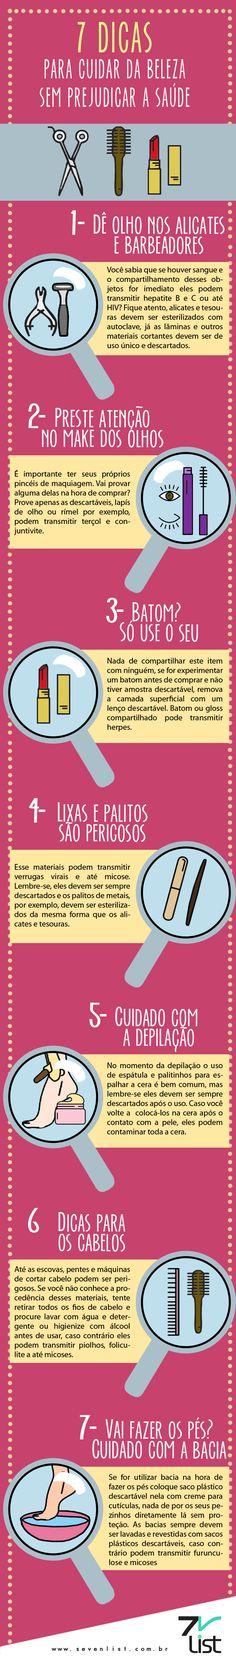 Infográfico / Infographic / design / dicas / Beleza / Saúde / Estética / Aparência /Alicate / Barbeador / Doenças / Hepatite / Olhos / Maquiagem / Makeup /Lápis / Rímel / Batom / Gloss / Lixo / Palito / Lixa / Pele / Depilação / Cabelos / Pés / Mãos / Unhas / Higiene www.sevenlist.com.br